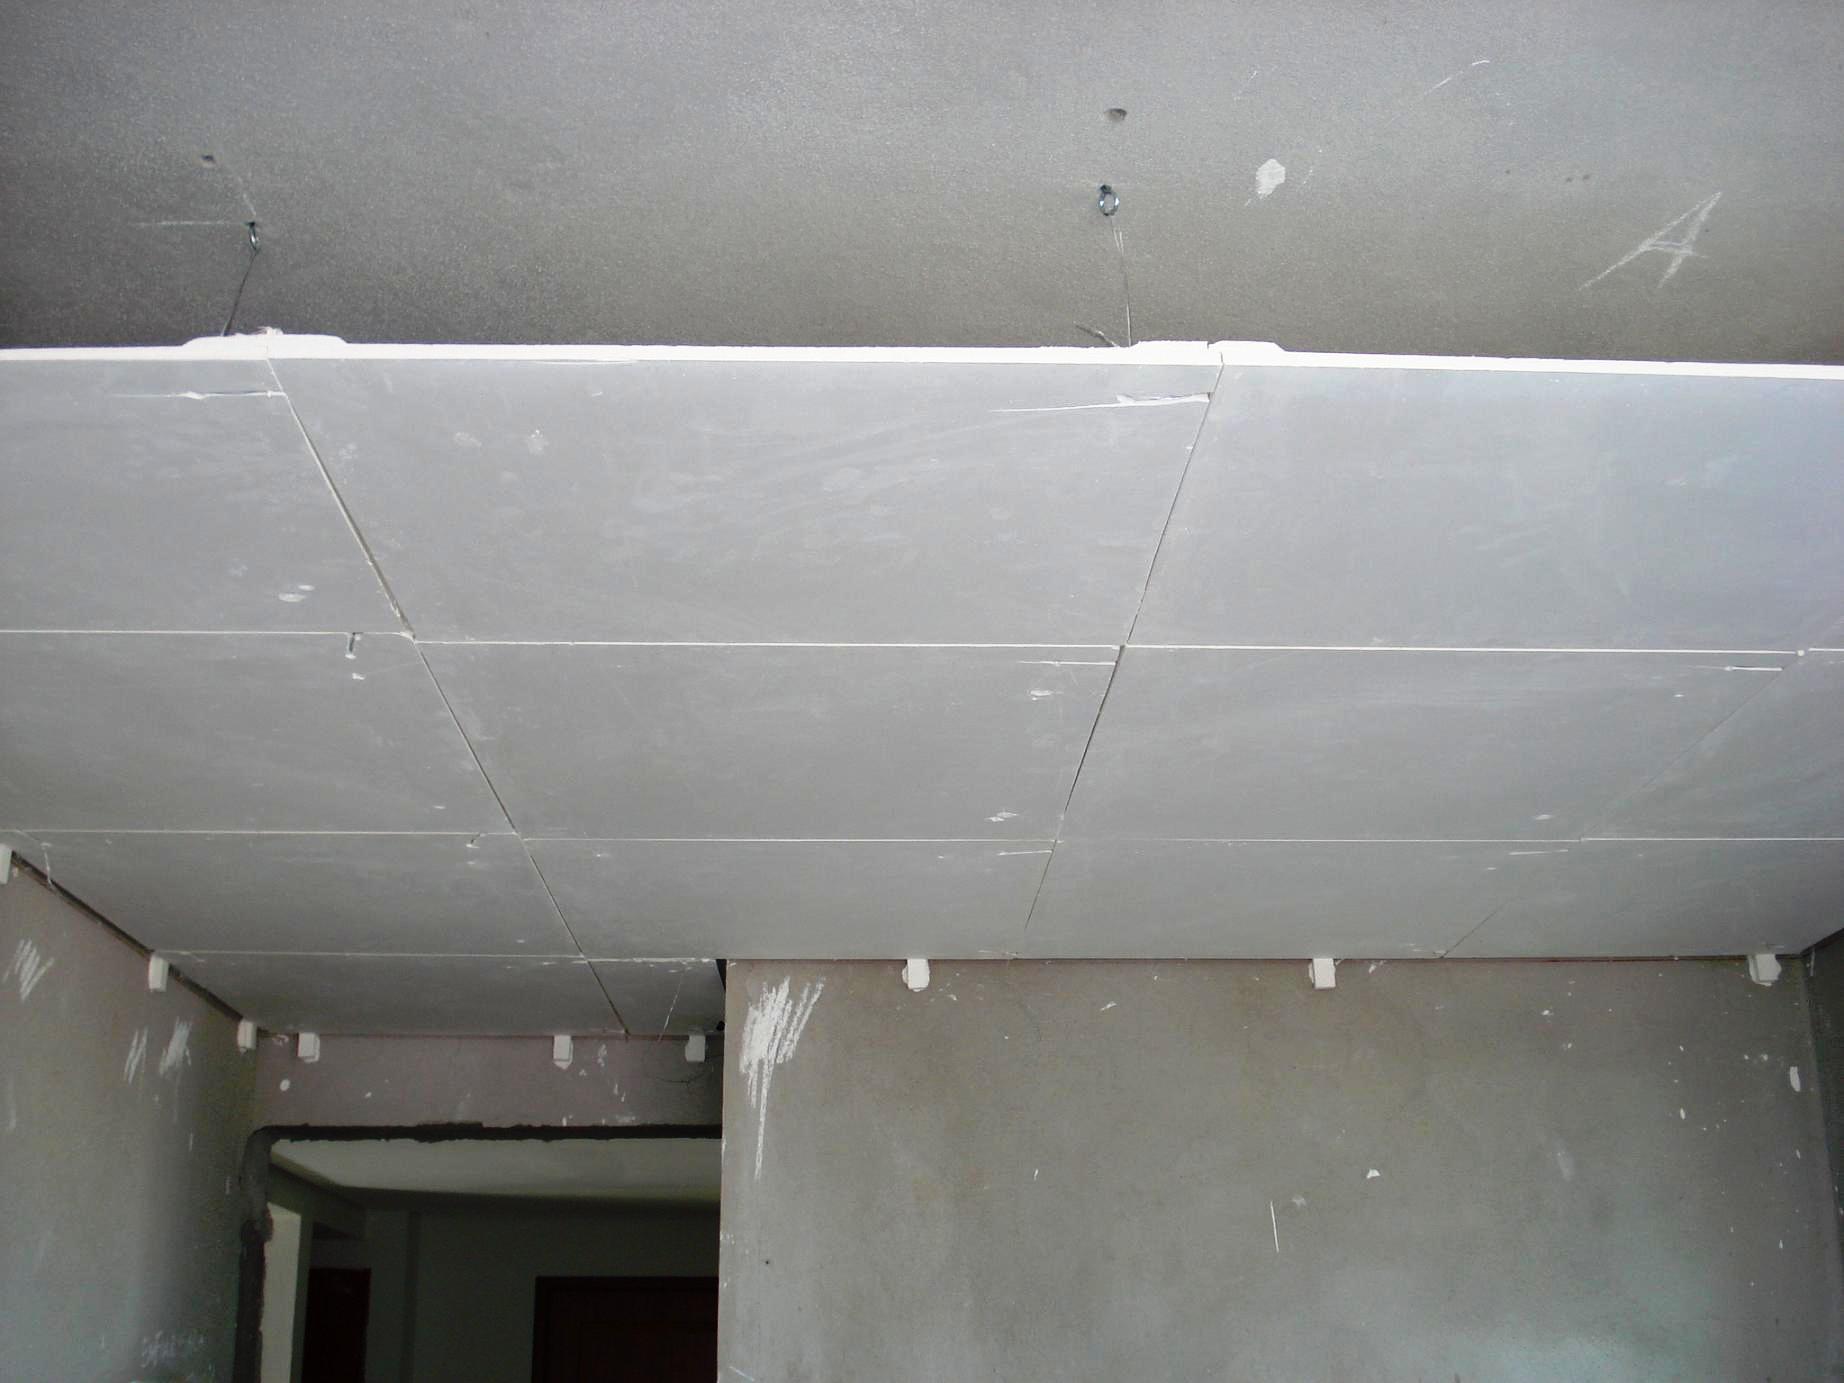 Forro De Gesso Ou Drywall Saiba Qual Usar Blog Do Gesseiro